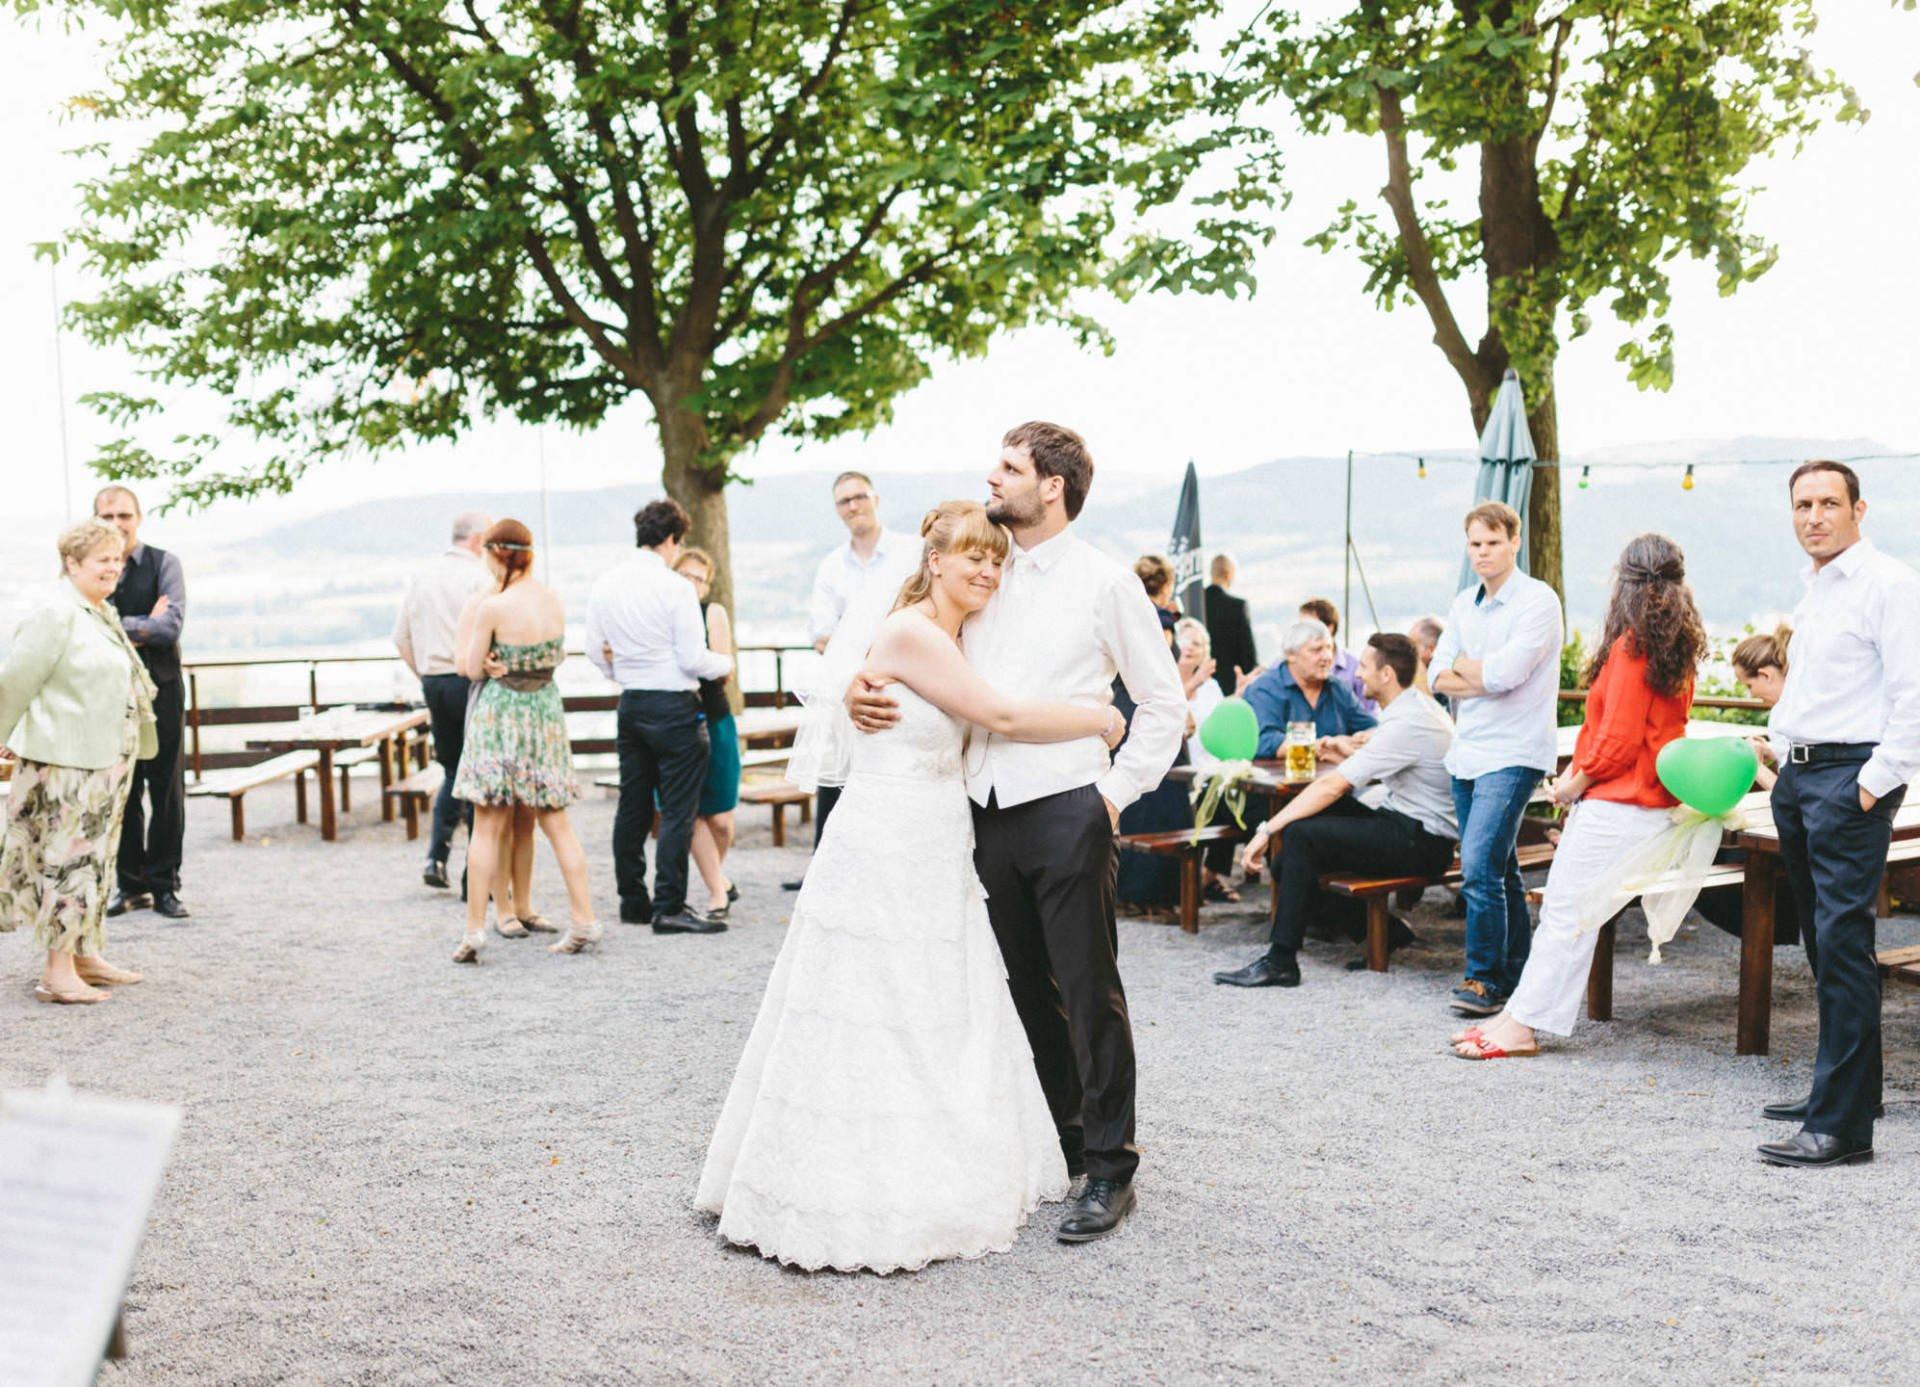 Bayrische Hochzeit 44 - Bayrische Jagdhüttenhochzeit in Thüringen